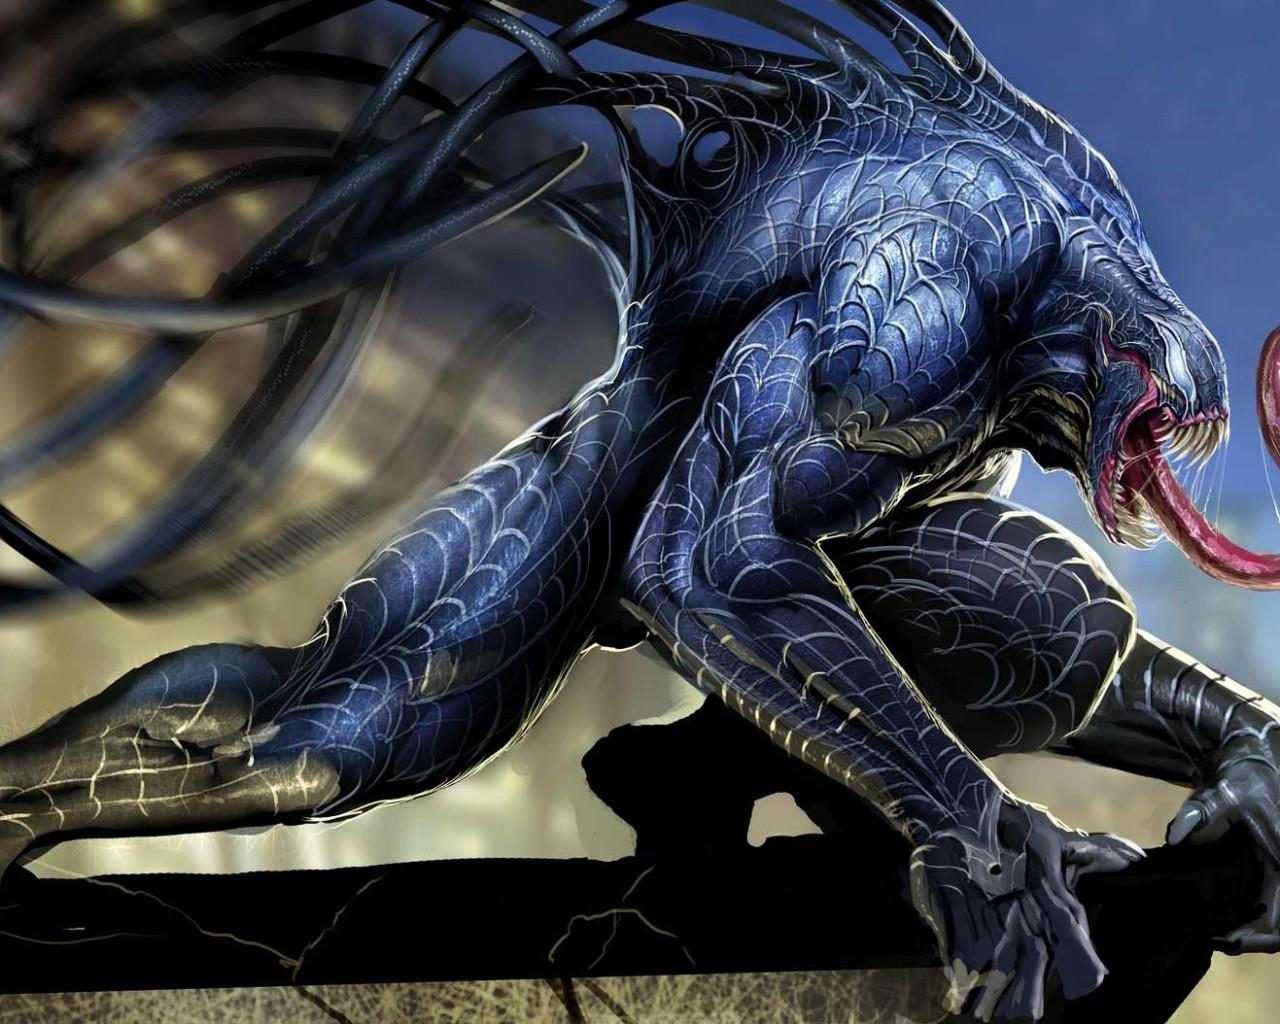 Spiderman Venom  Carnage wallpaper  ForWallpapercom